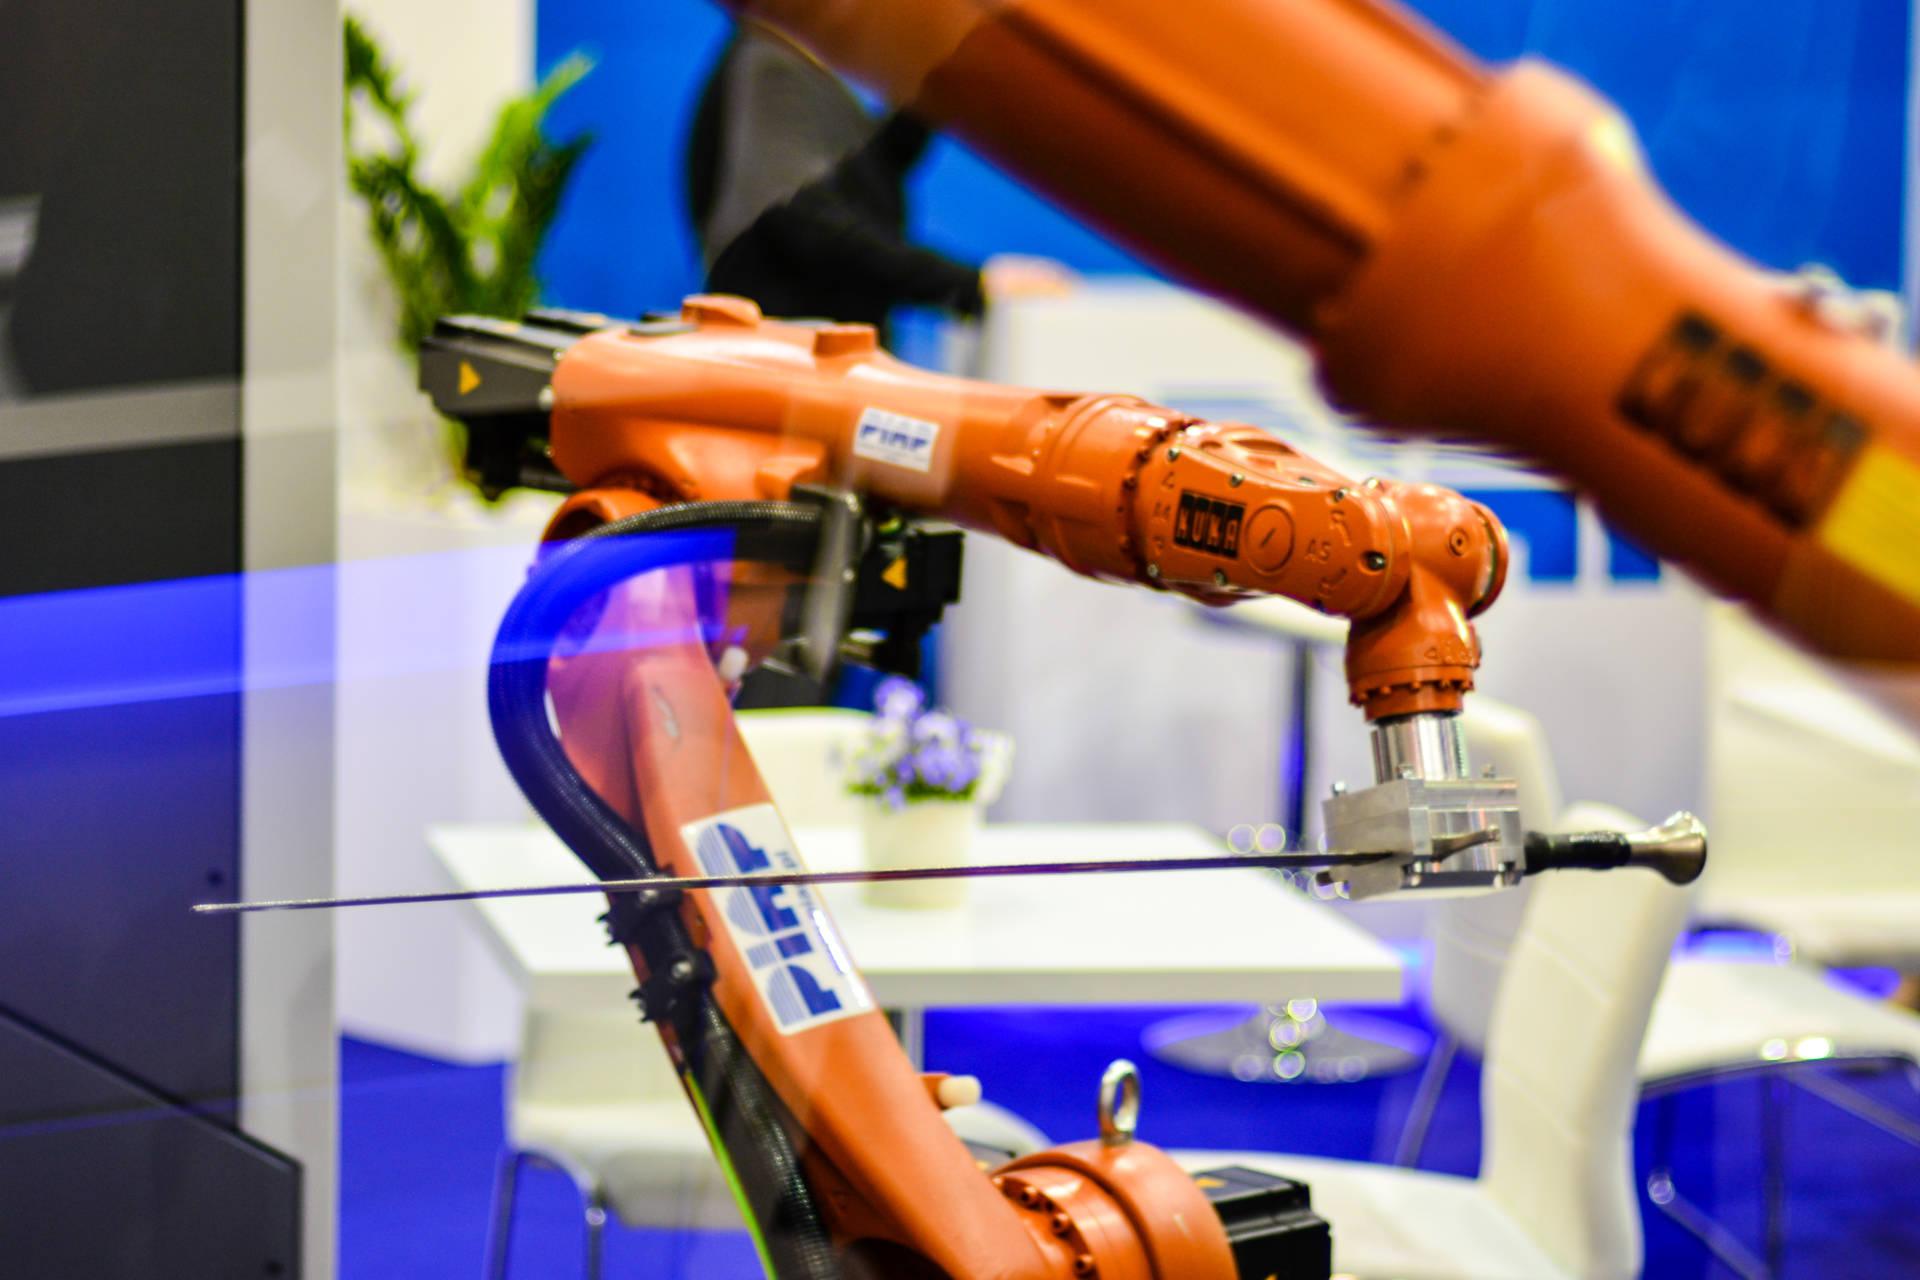 Targi-Automaticon-PIAP-roboty-przemyslowe